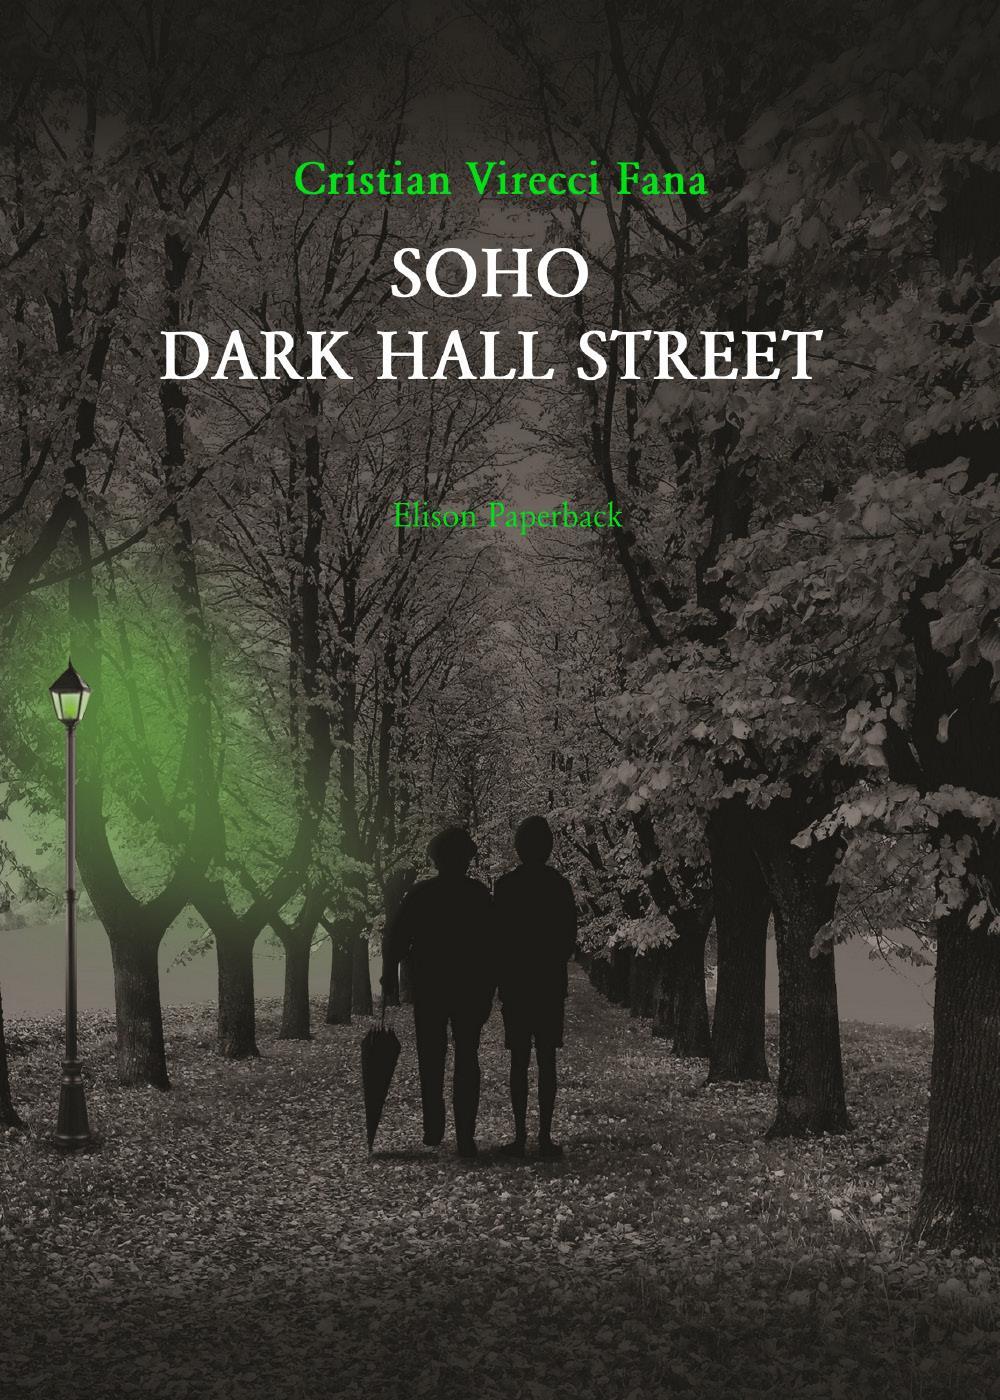 Soho Dark Hall Street